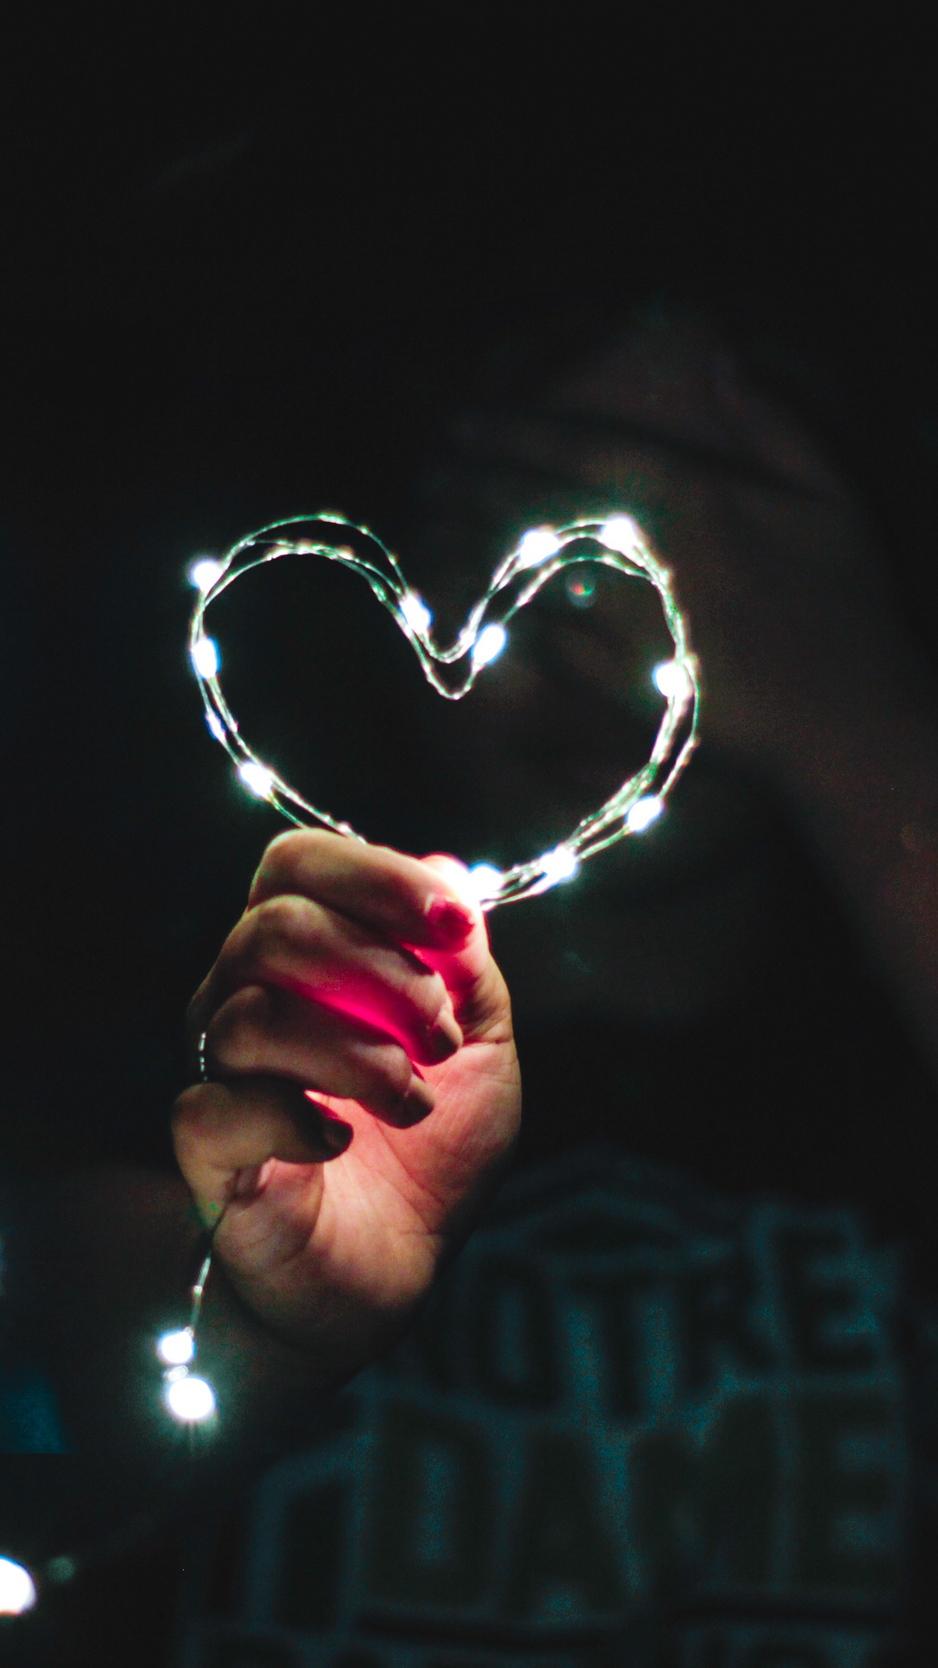 Wallpaper Heart, Hand, Light, Glitter, Glare - Iphone Heart Images Wallpaper Hd - HD Wallpaper